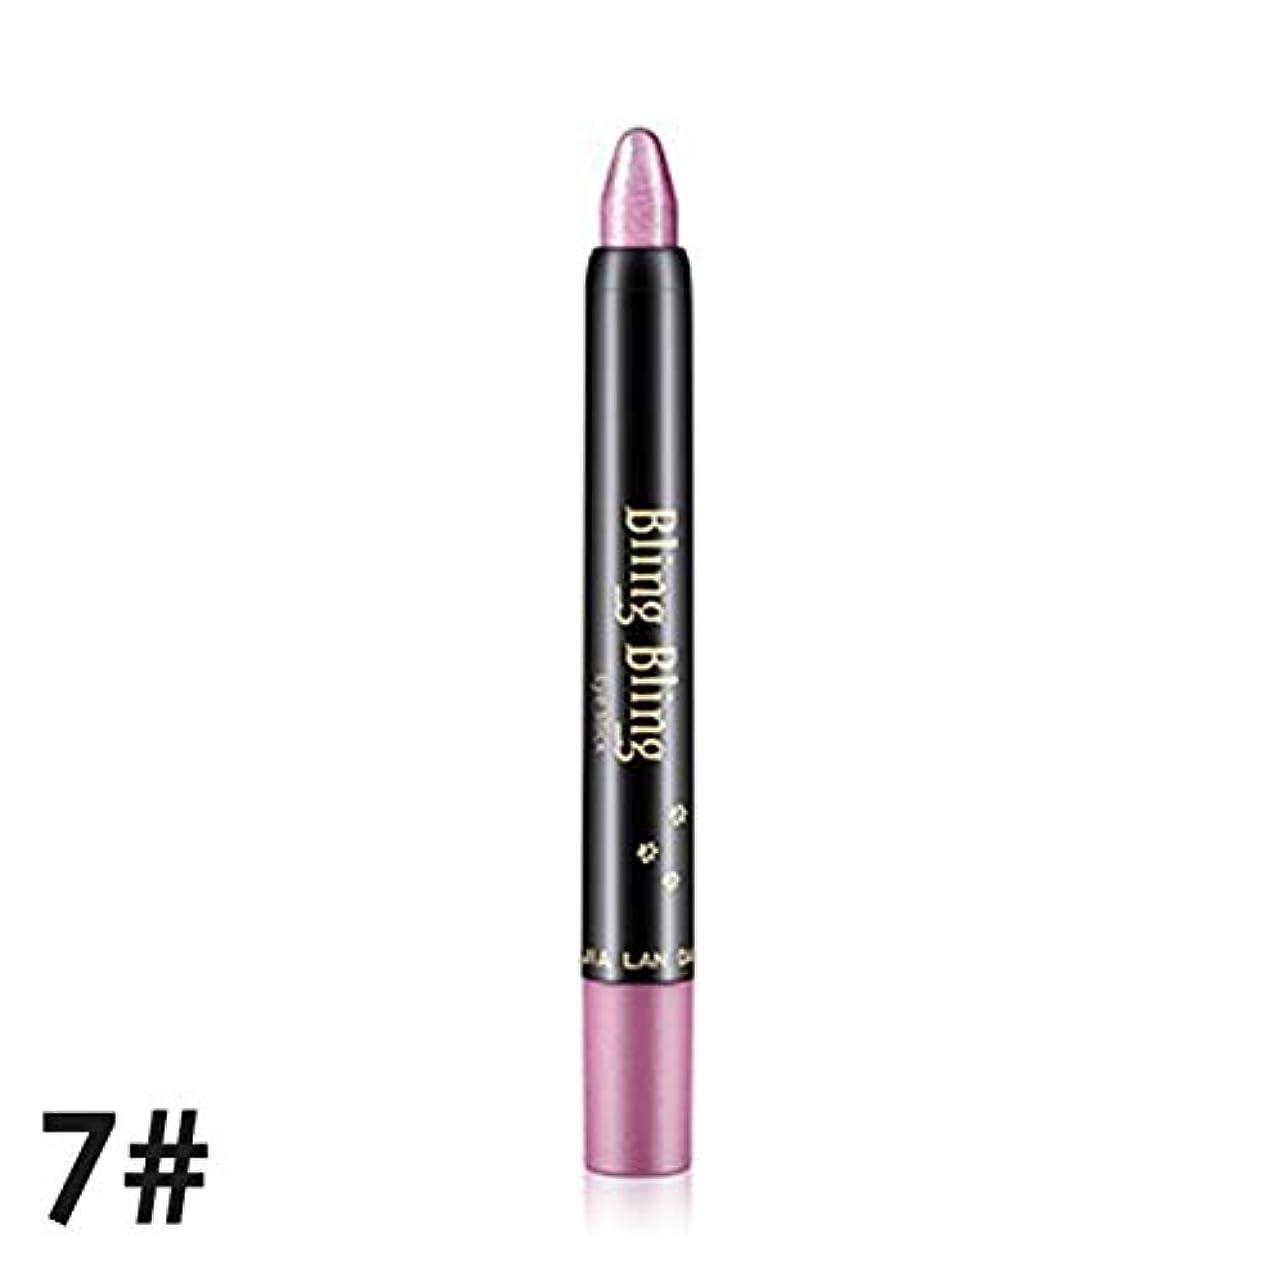 ピンクヒットめまいが健康と美容アイシャドウ 3 PCSプロフェッショナルビューティ蛍光ペンアイシャドウペンシル 化粧 (色 : 7 Rose powder)